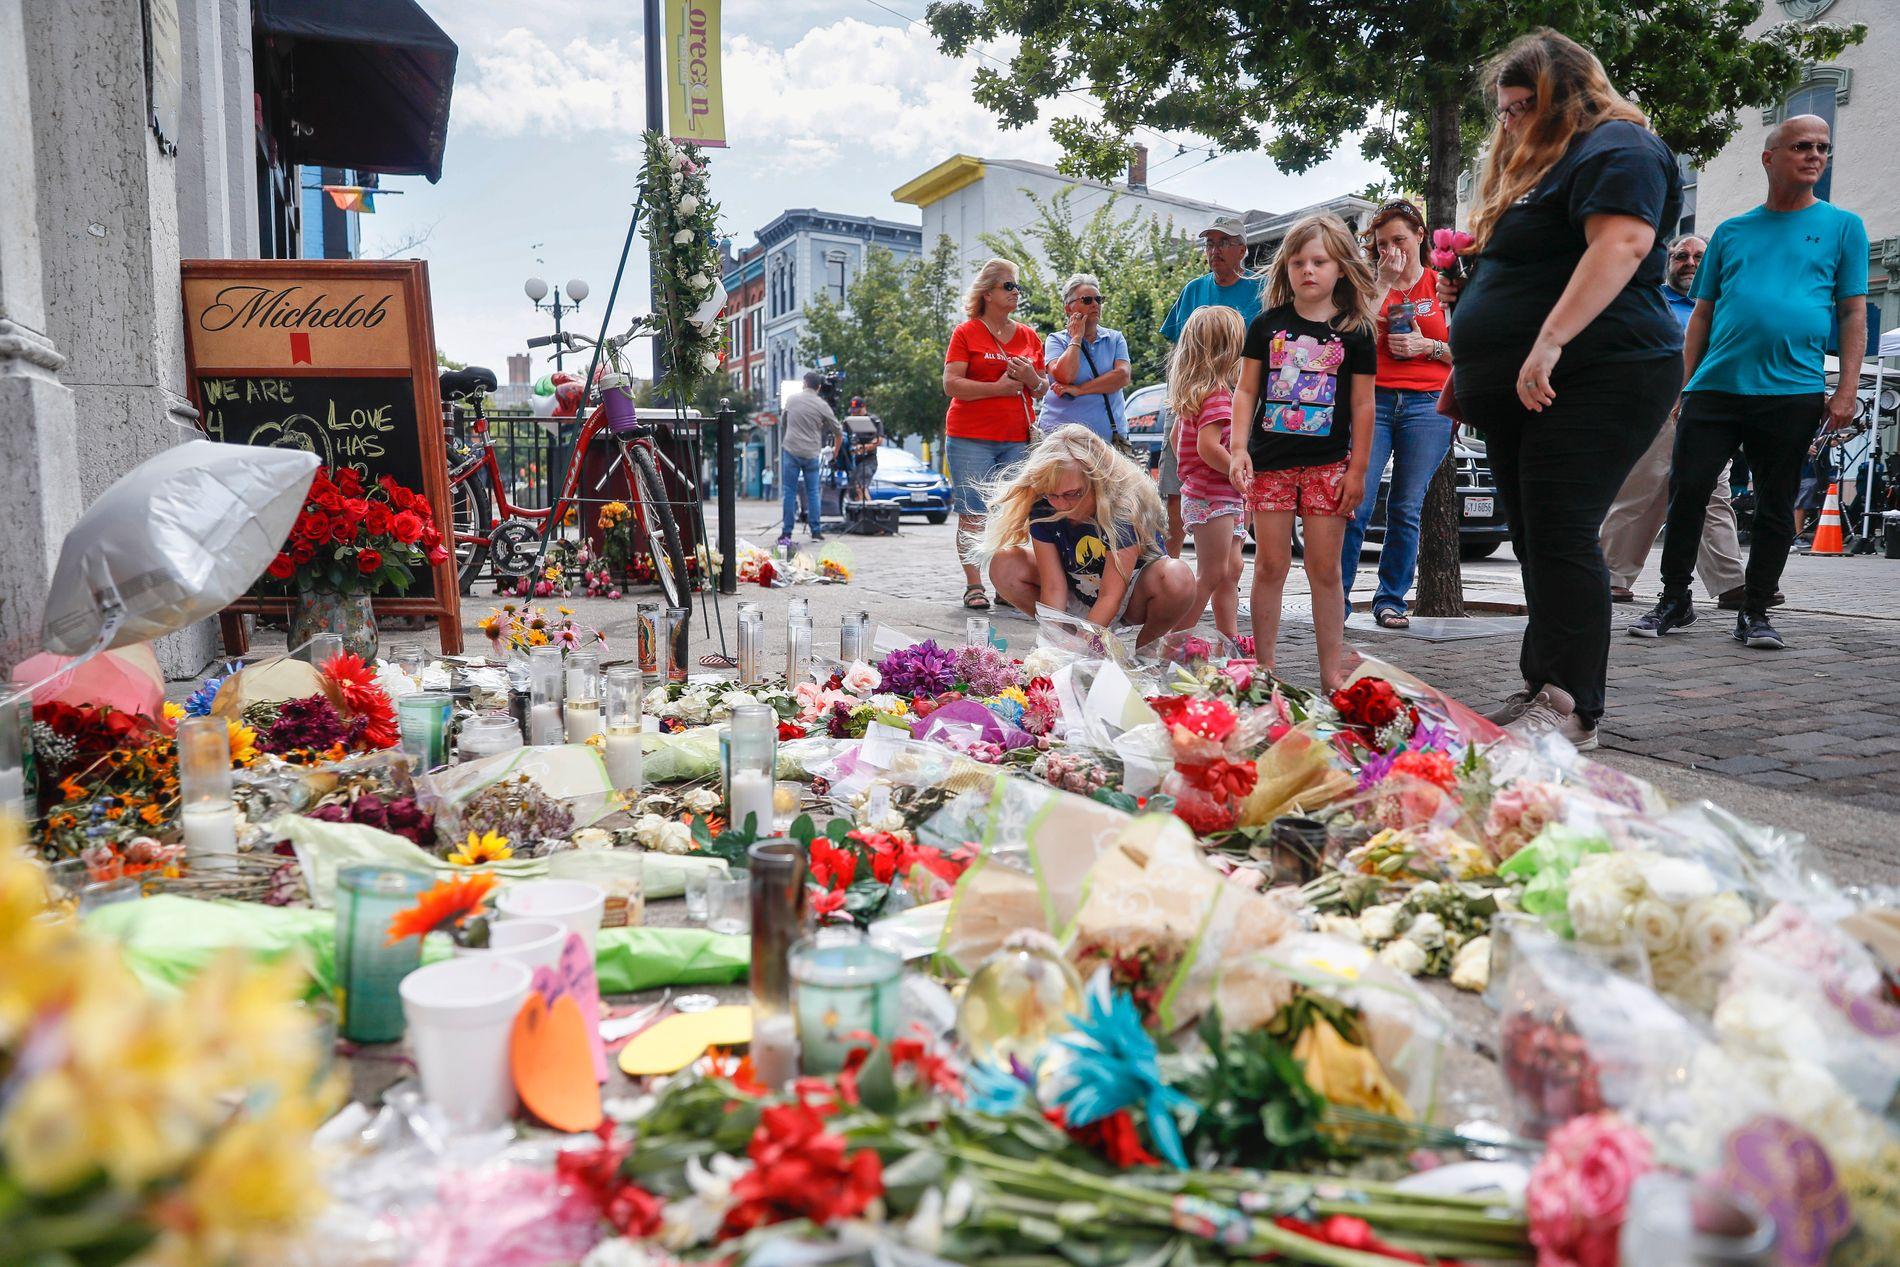 TRAGEDIE OHIO: Blomsterhav utenfor baren hvor ni personer ble drept i helgen.